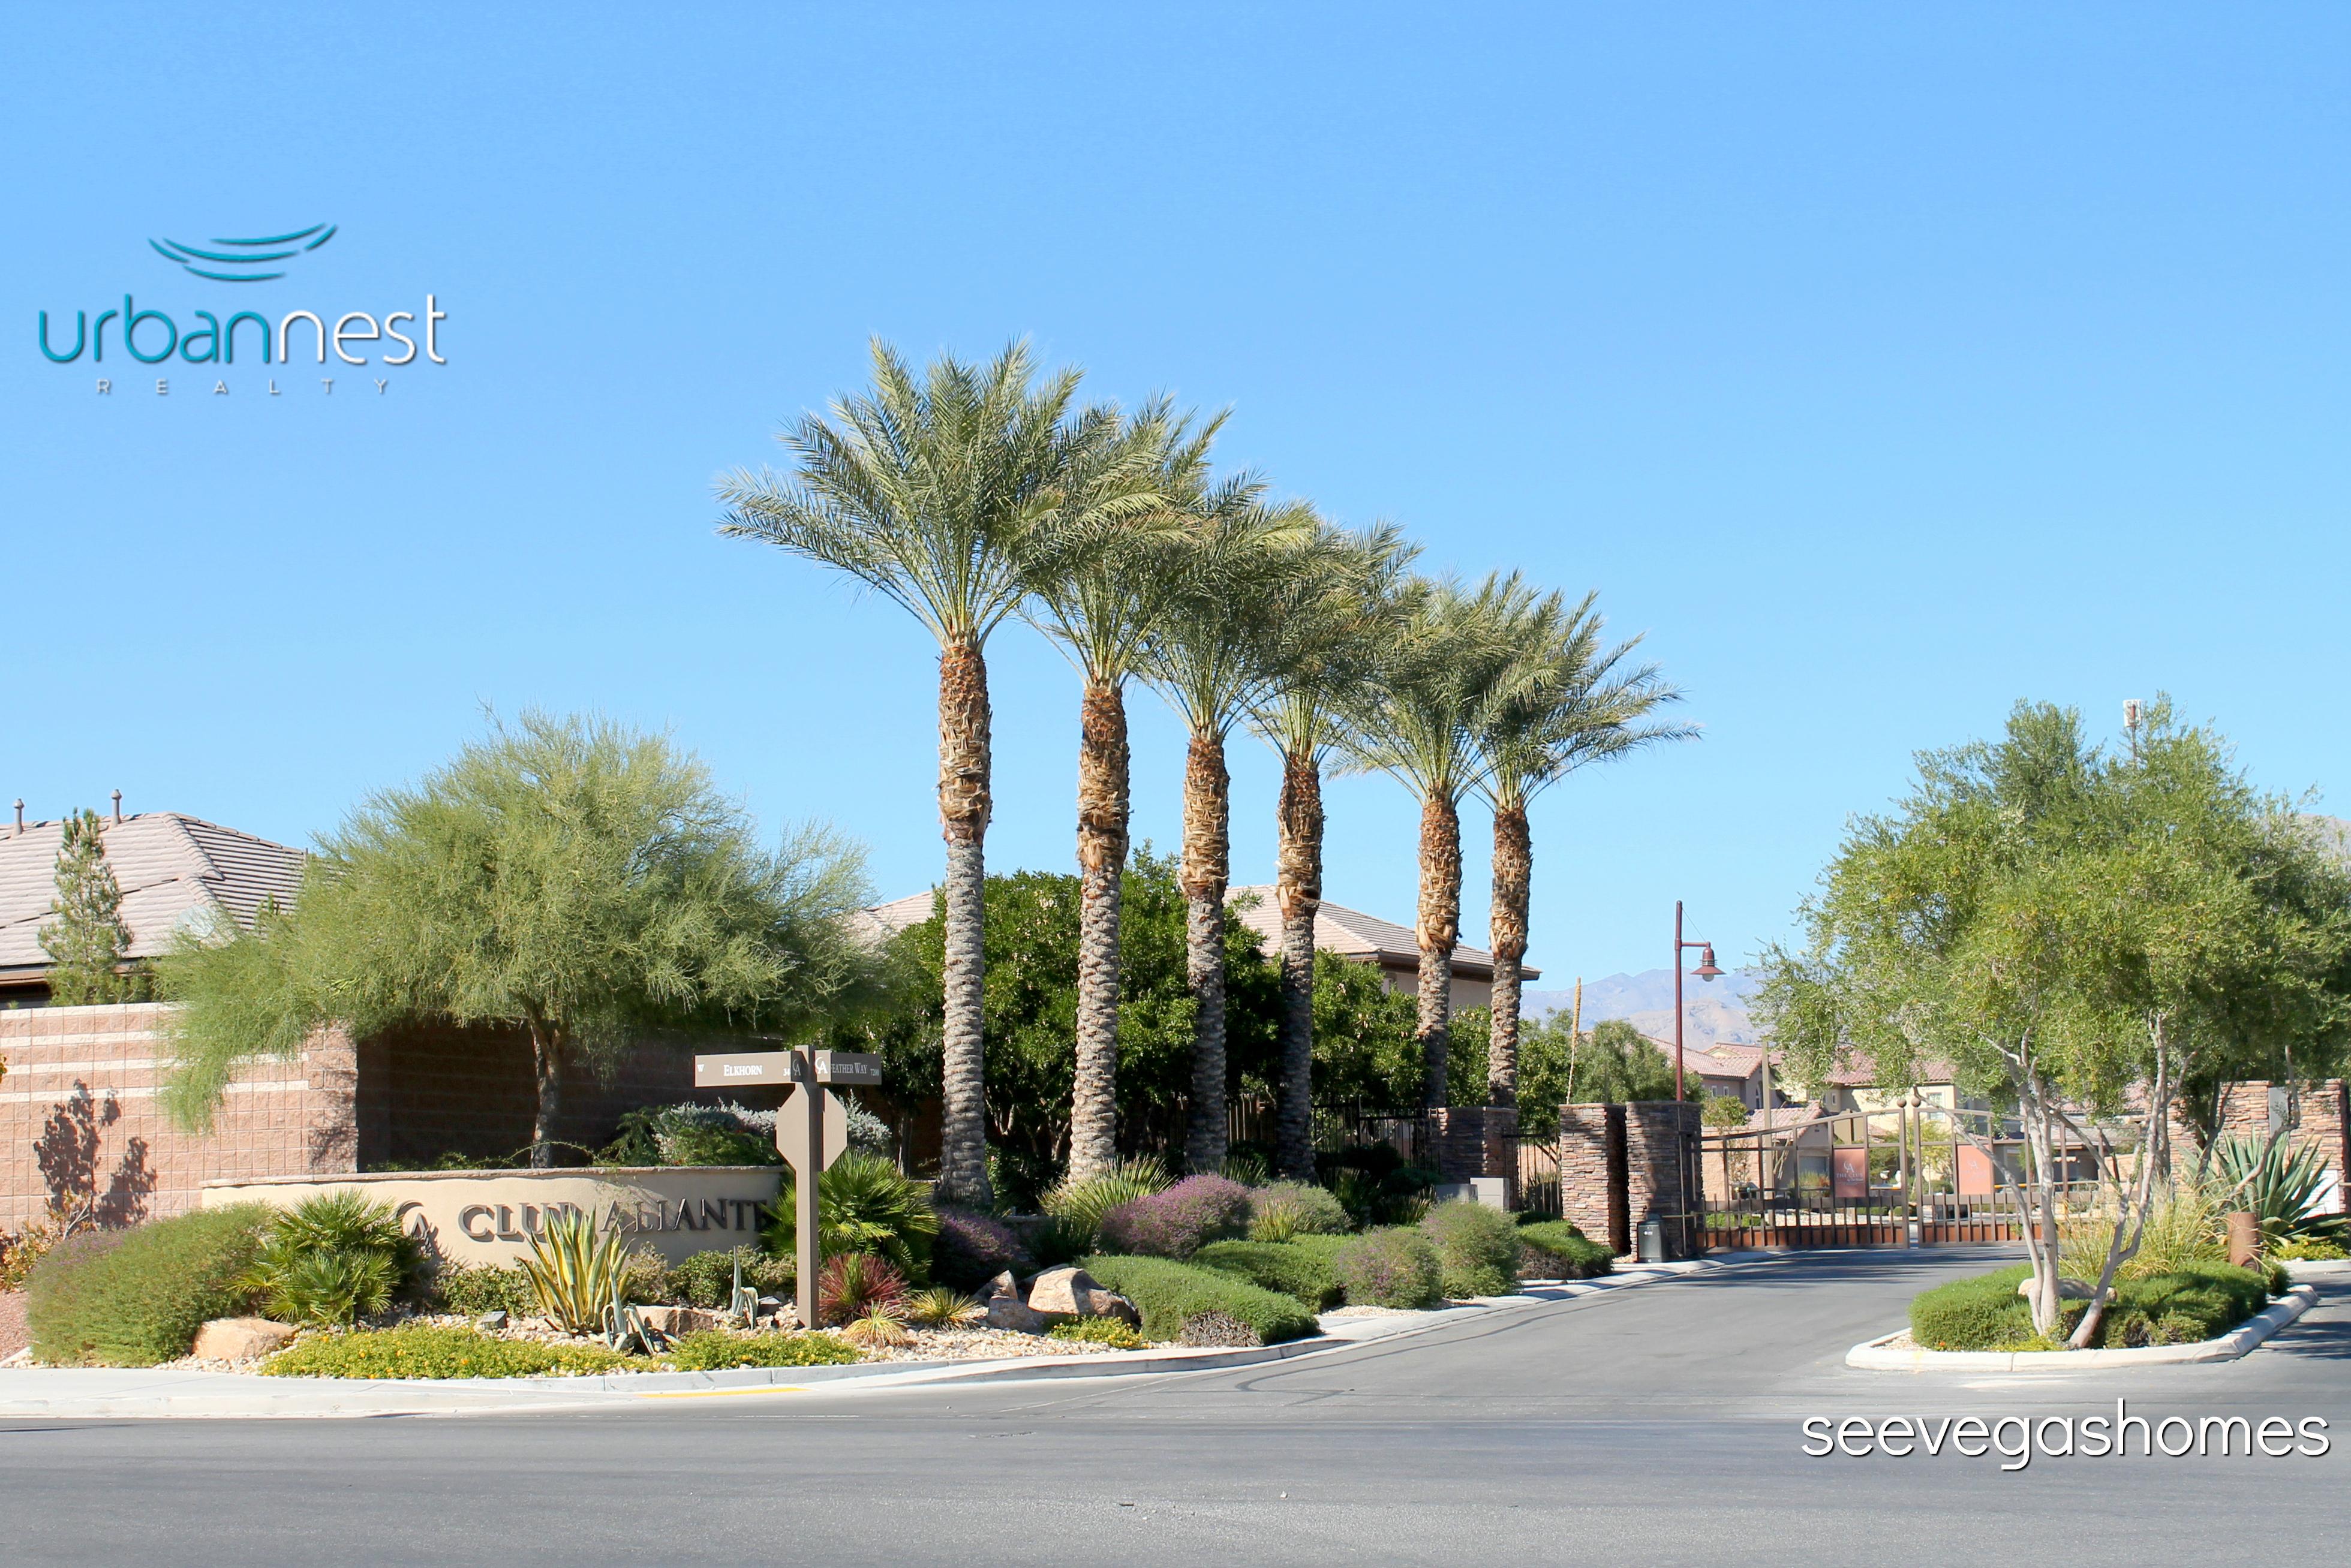 Club Aliante Gate North Las Vegas NV 89084 SeeVegasHomes